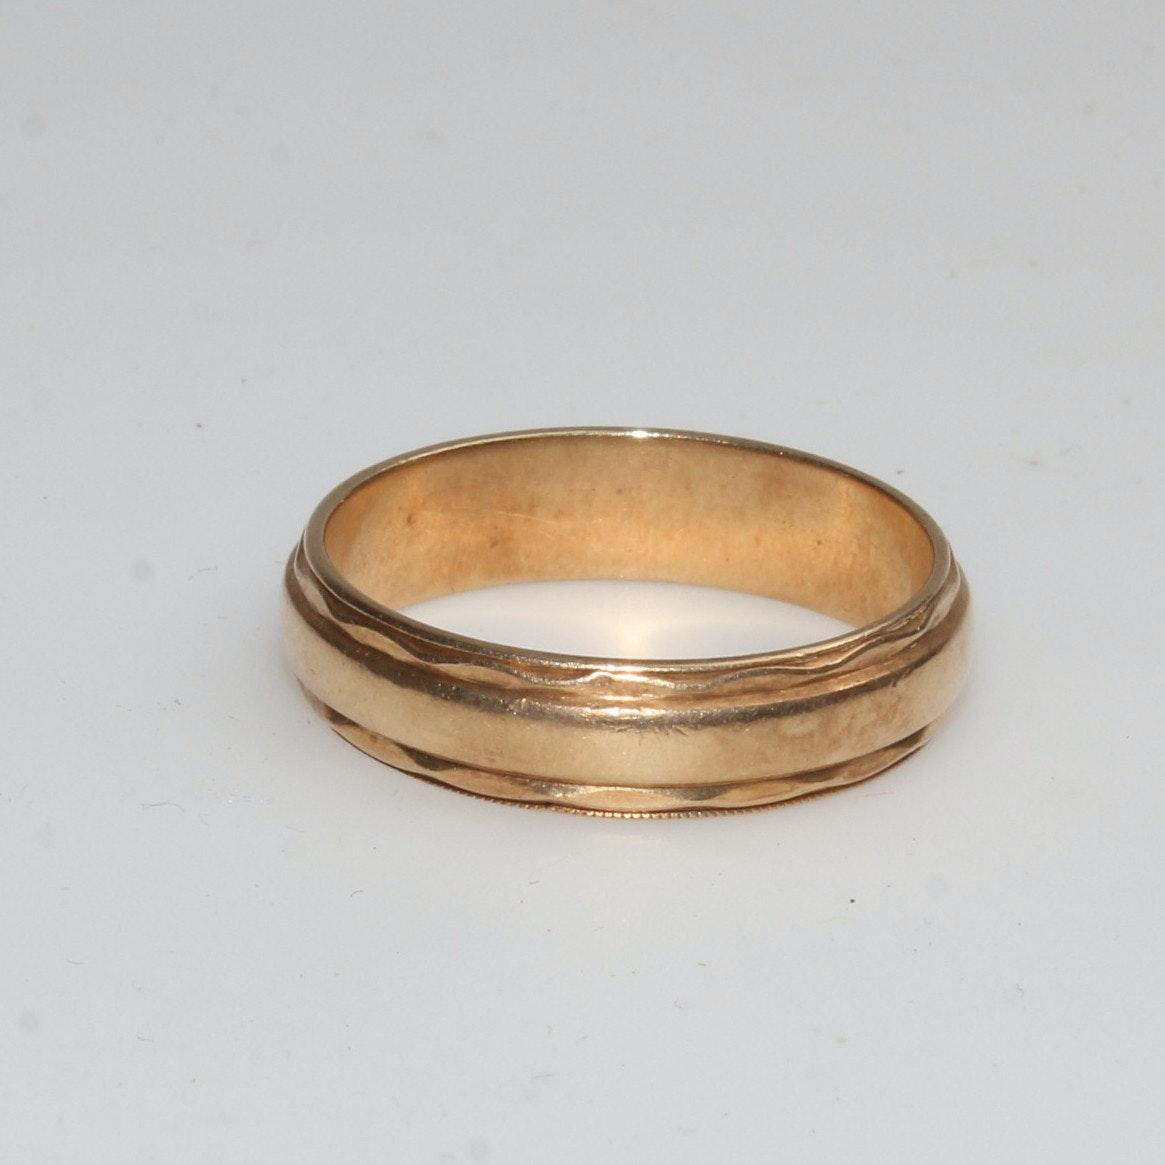 14K Gold Vintage Wedding Band